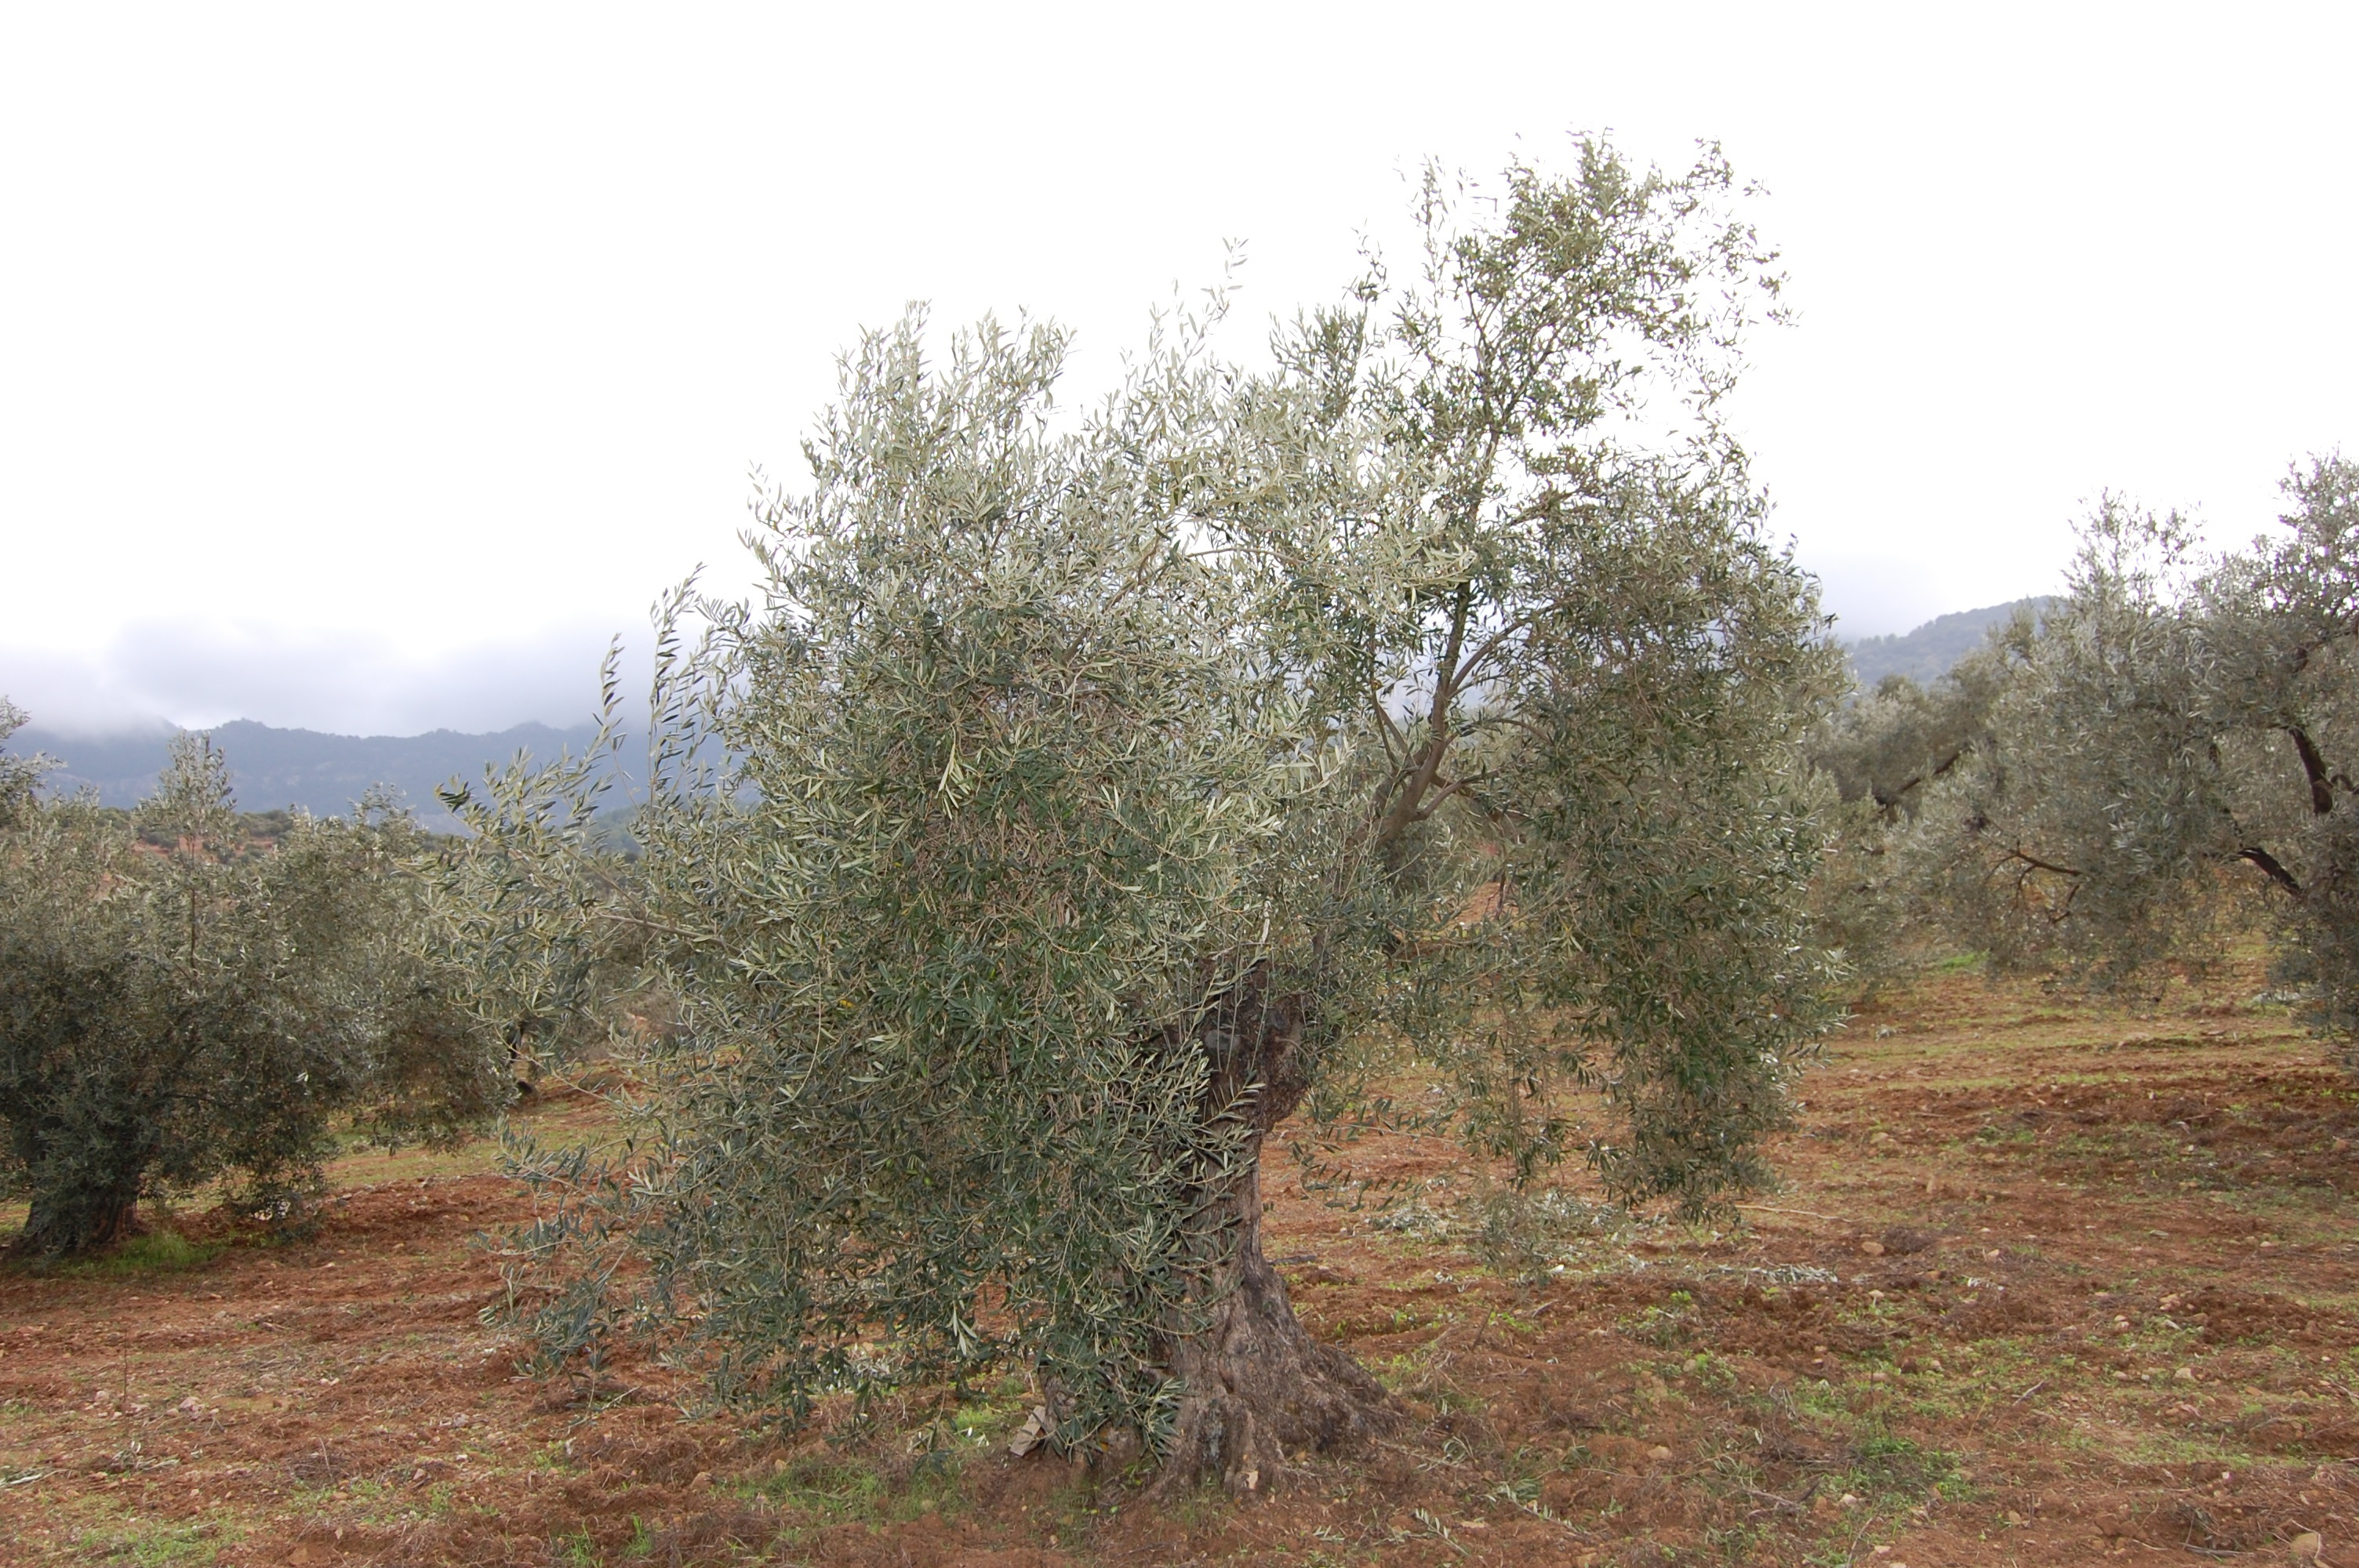 Adopteer een olijfboom en ontvang 4 liter prijswinnende olijfolie